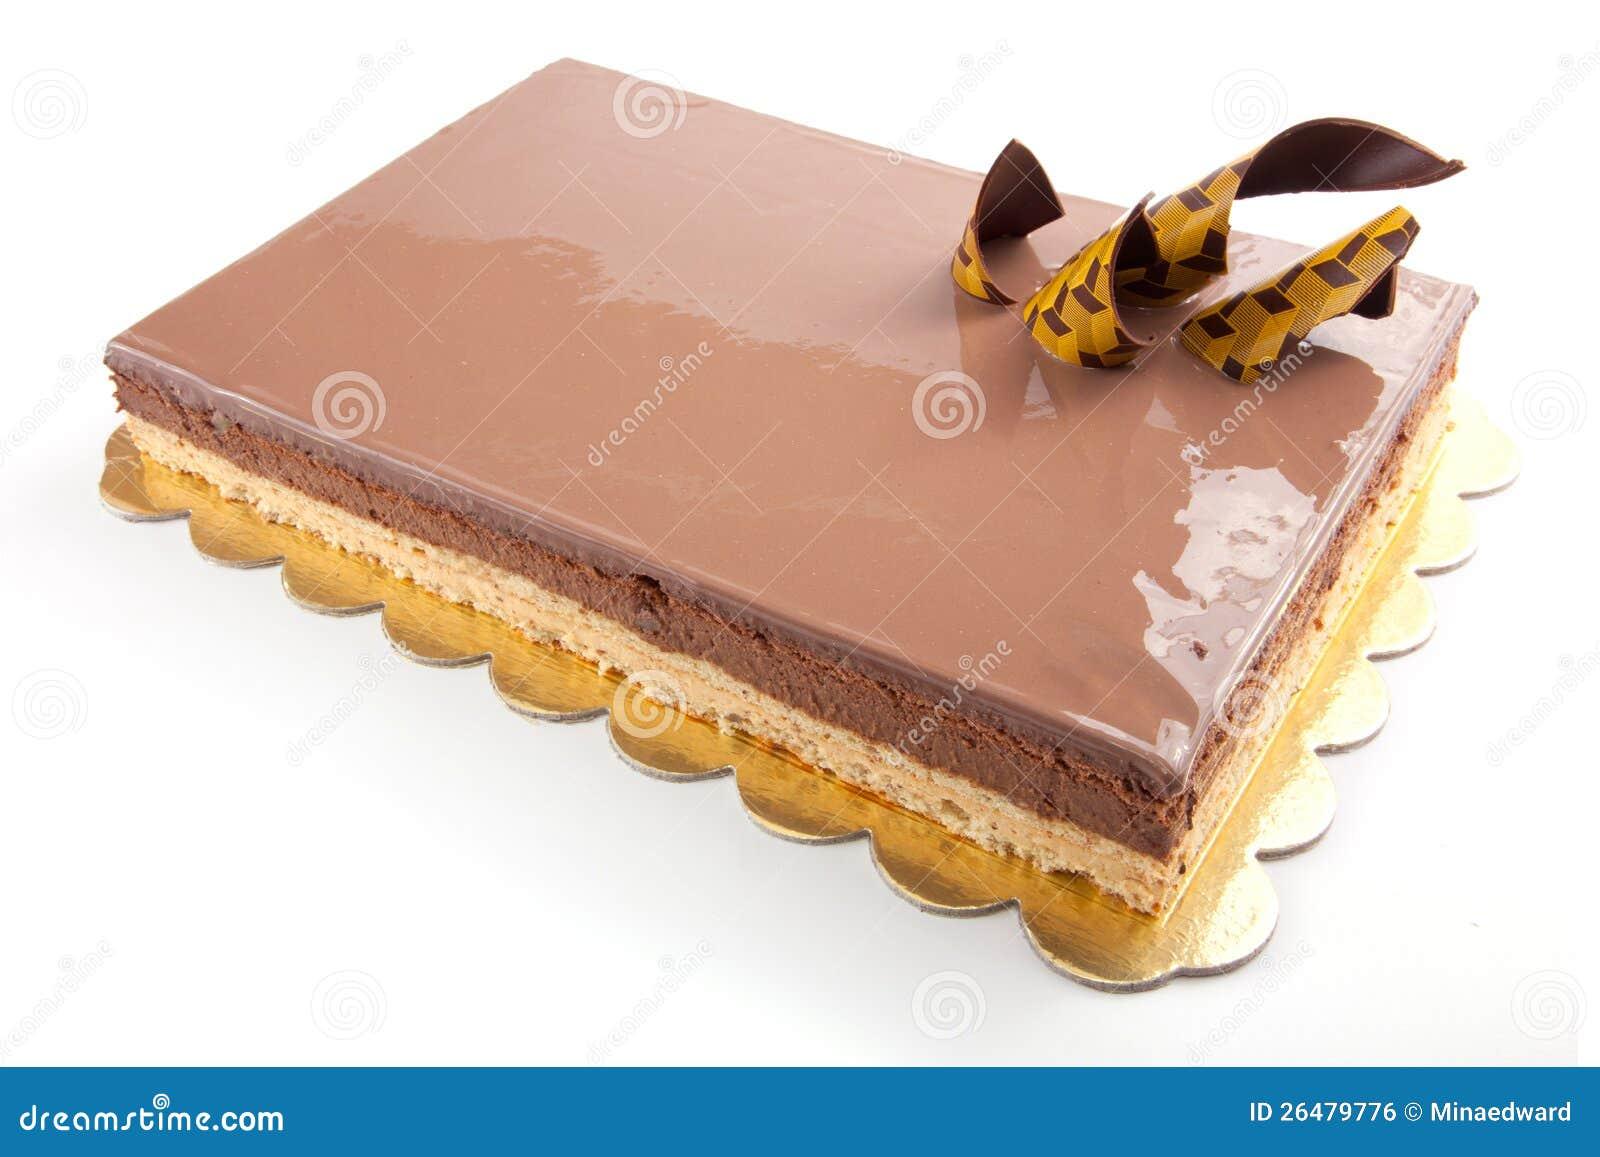 Chocolate Cack Royalty Free Stock Image Image 26479776